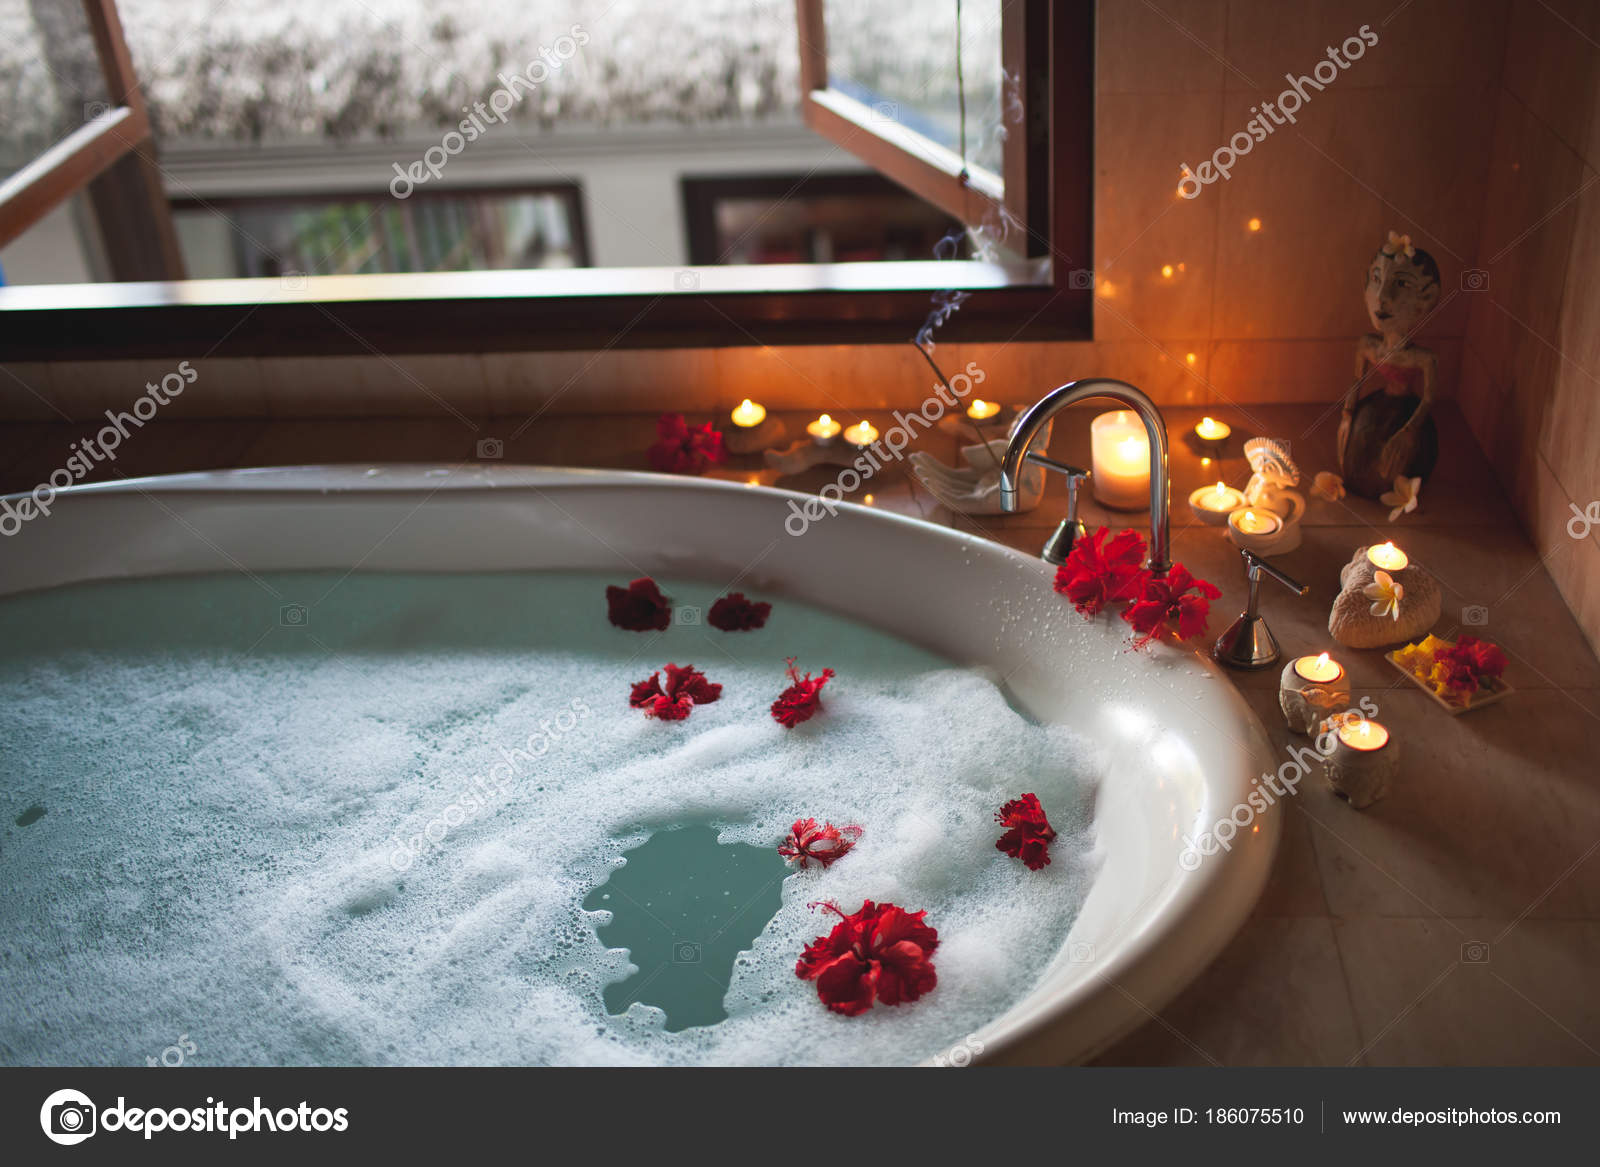 Vasca Da Bagno Romantica : Grande vasca da bagno riempita con schiuma e fiori atmosfera